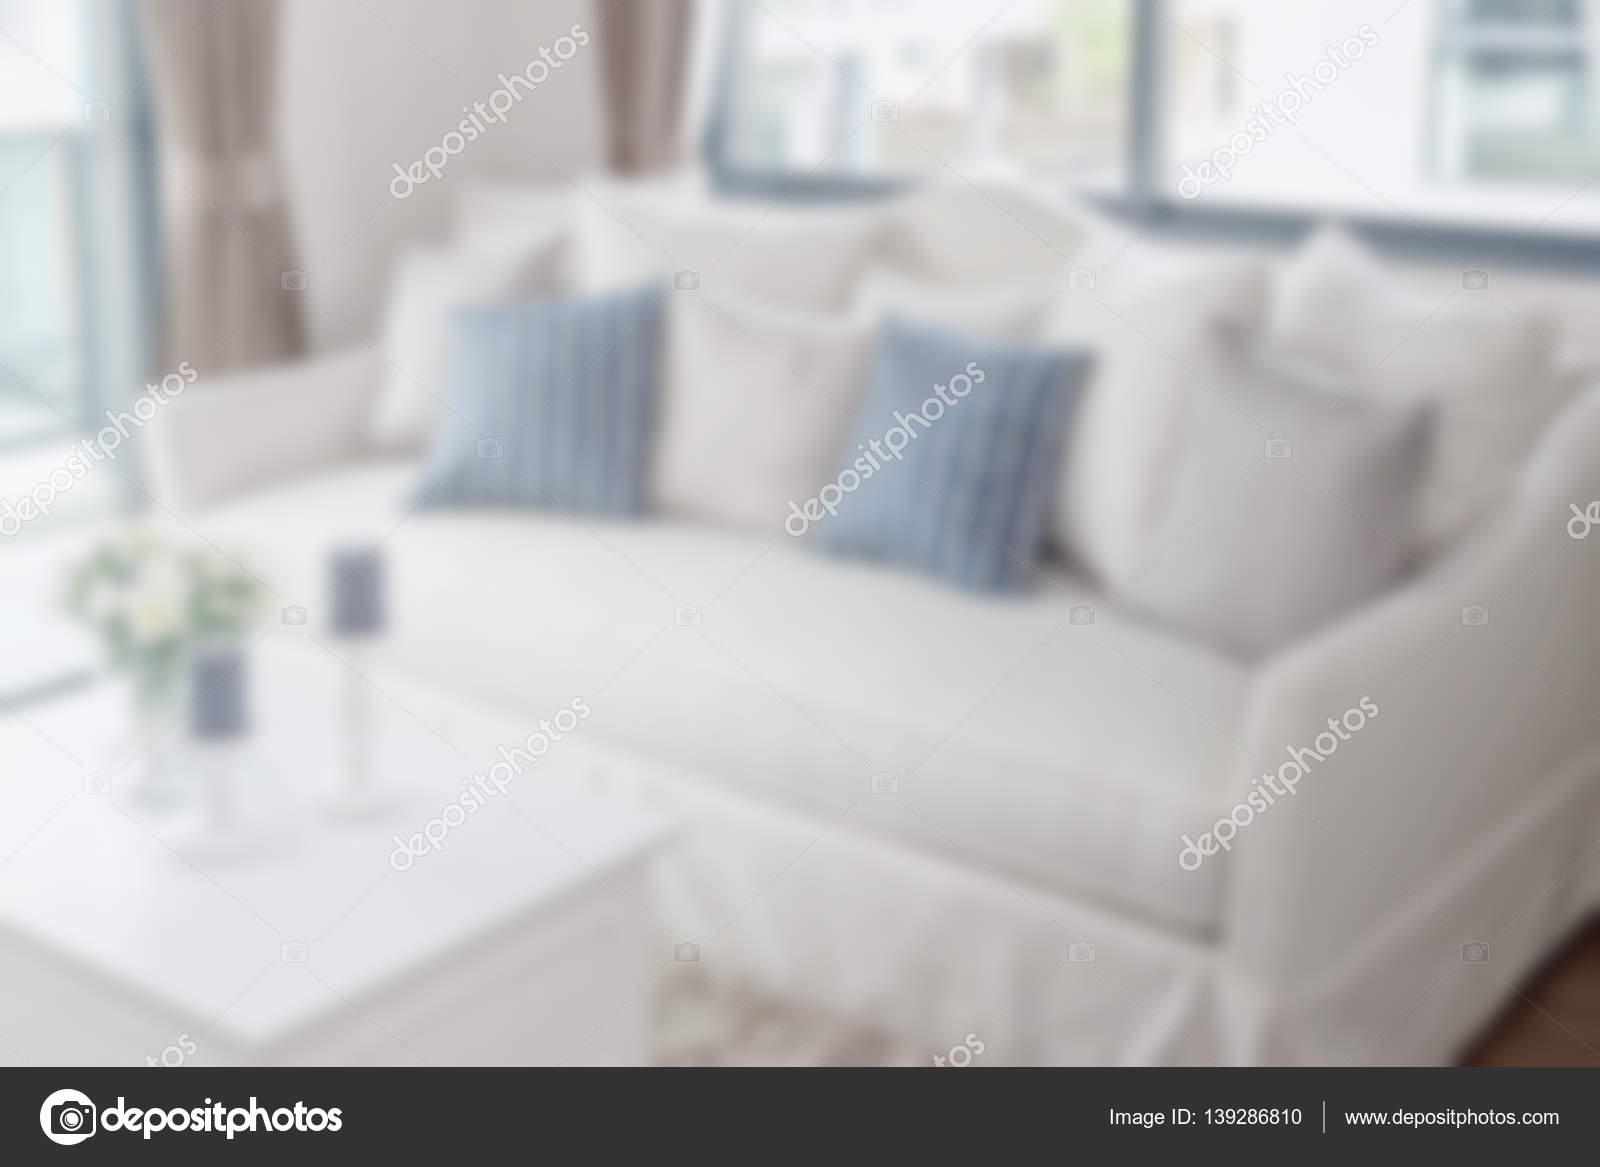 Fesselnd Verschwommene Modernes Wohnzimmer Mit Kissen Auf Sofa Für Hintergrund U2014  Stockfoto